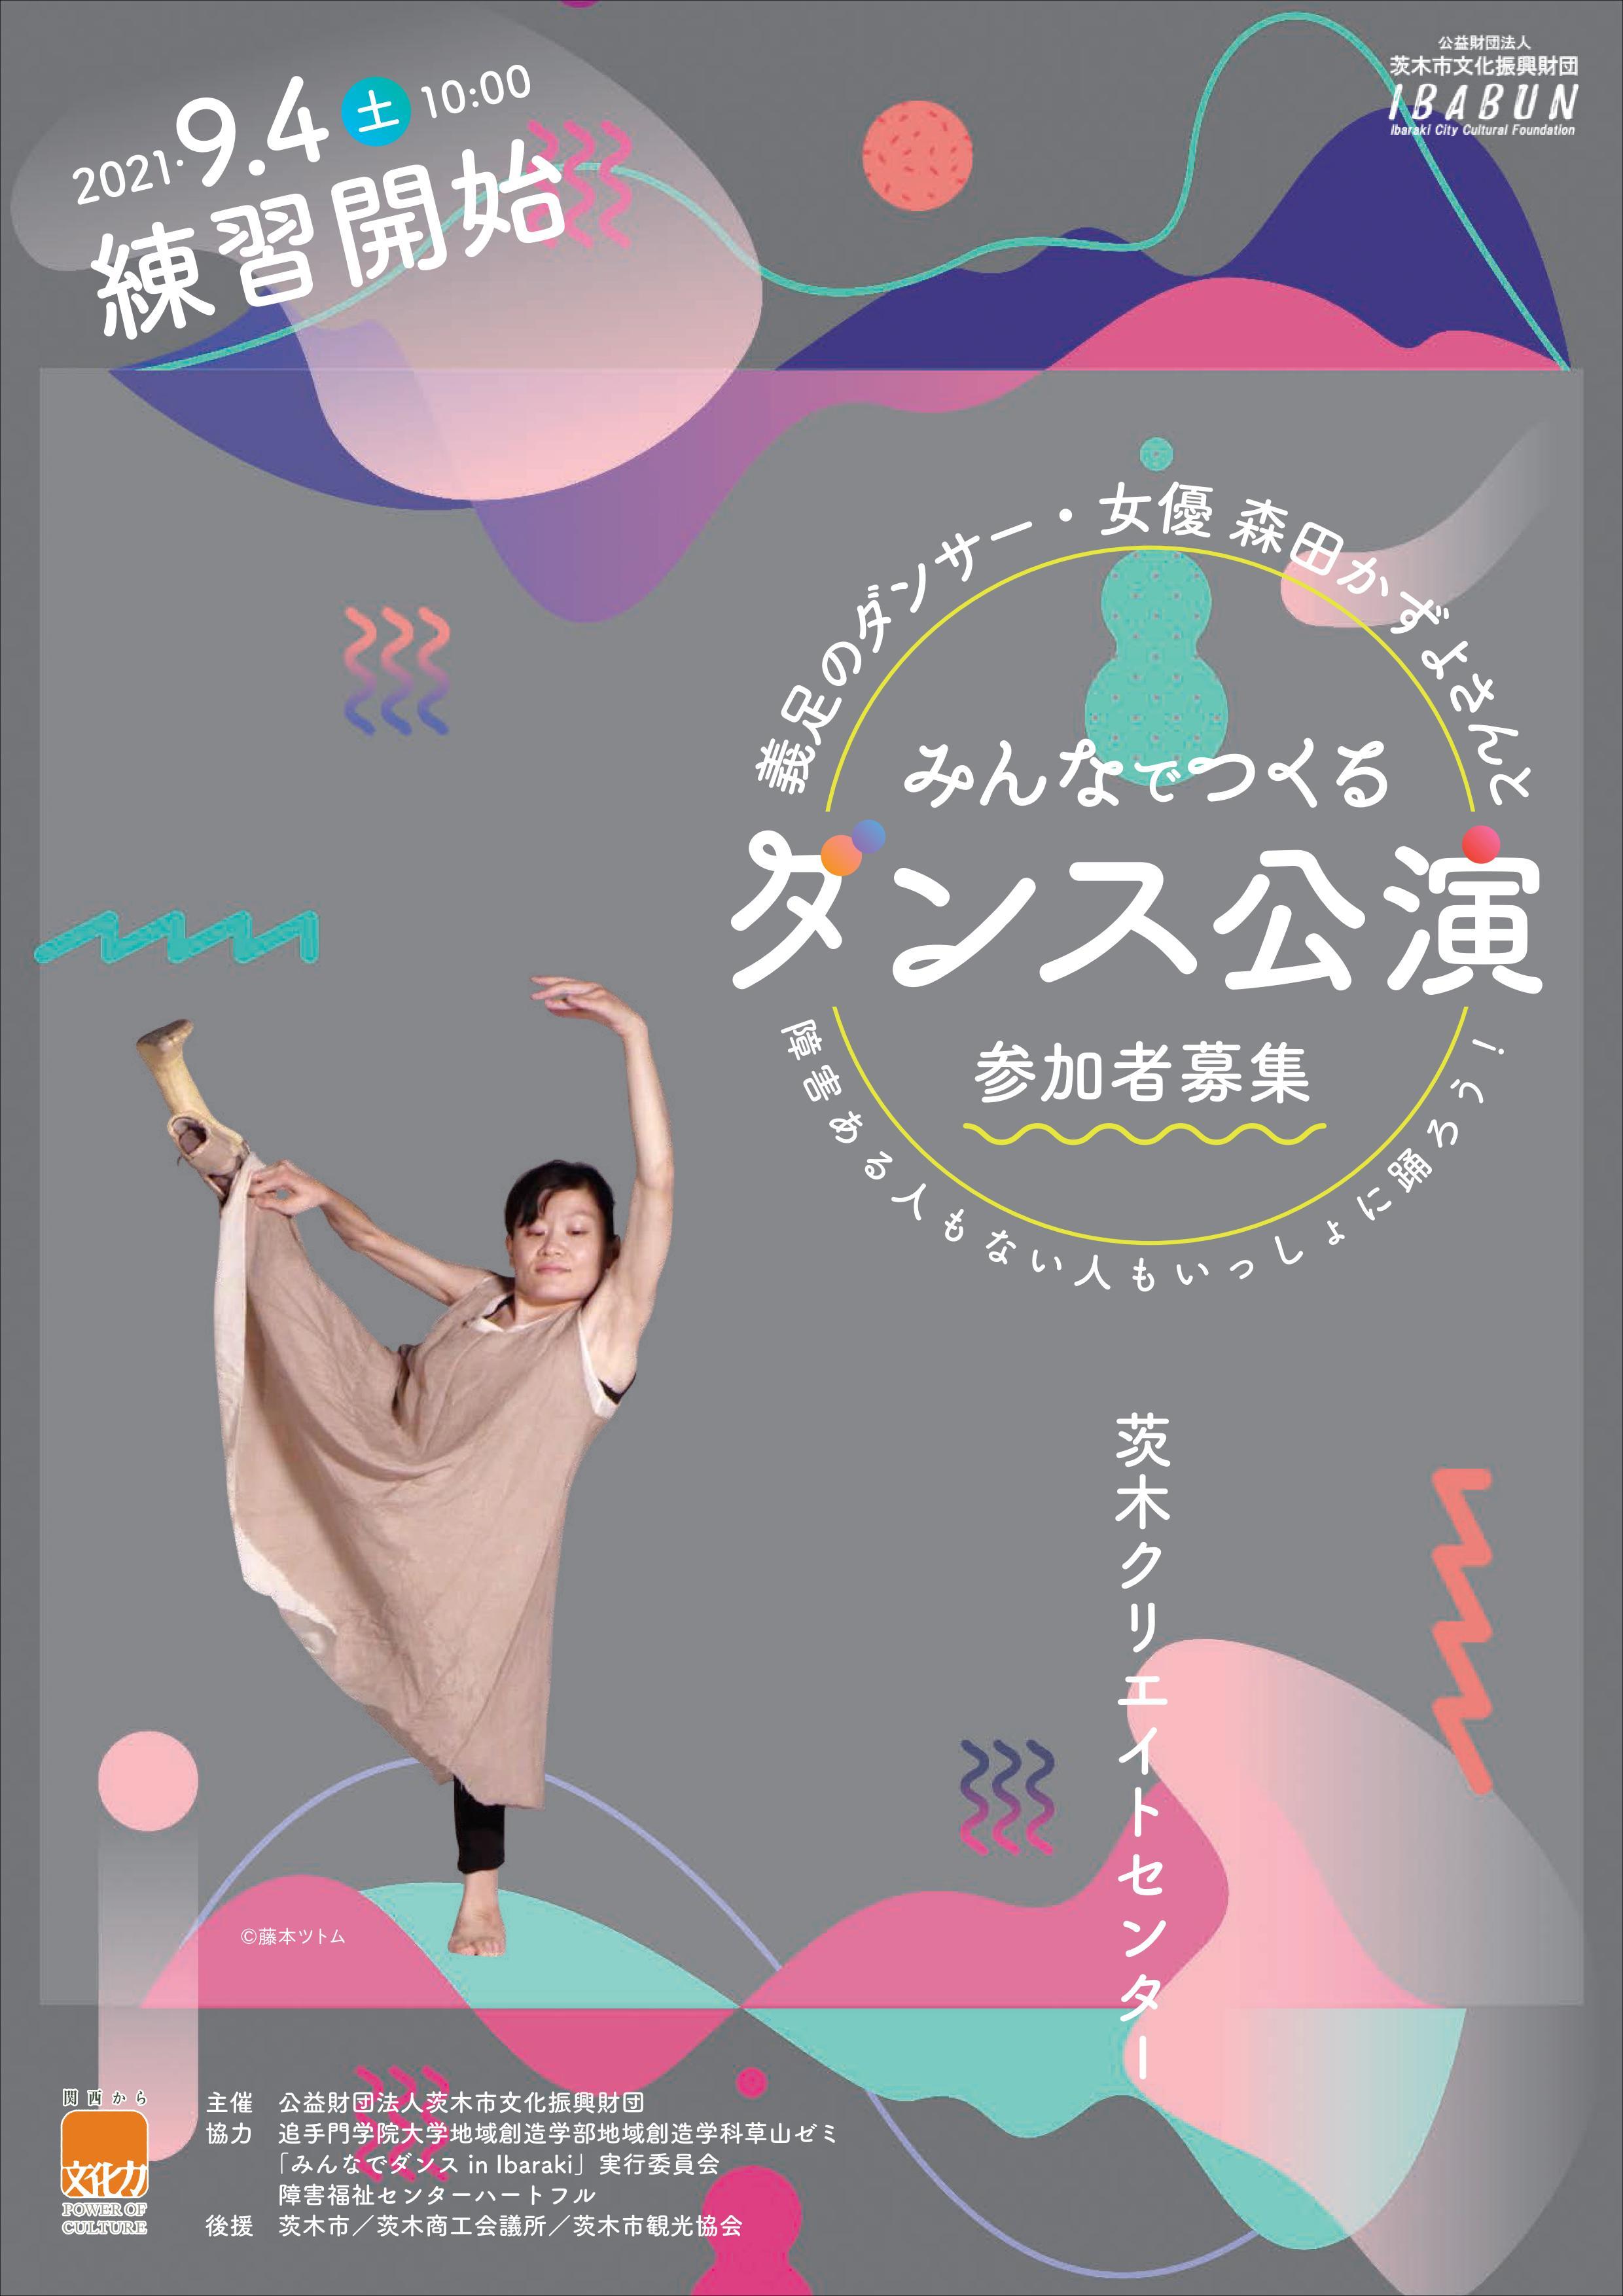 みんなでダンスin Ibarakiプロジェクトワークショップ